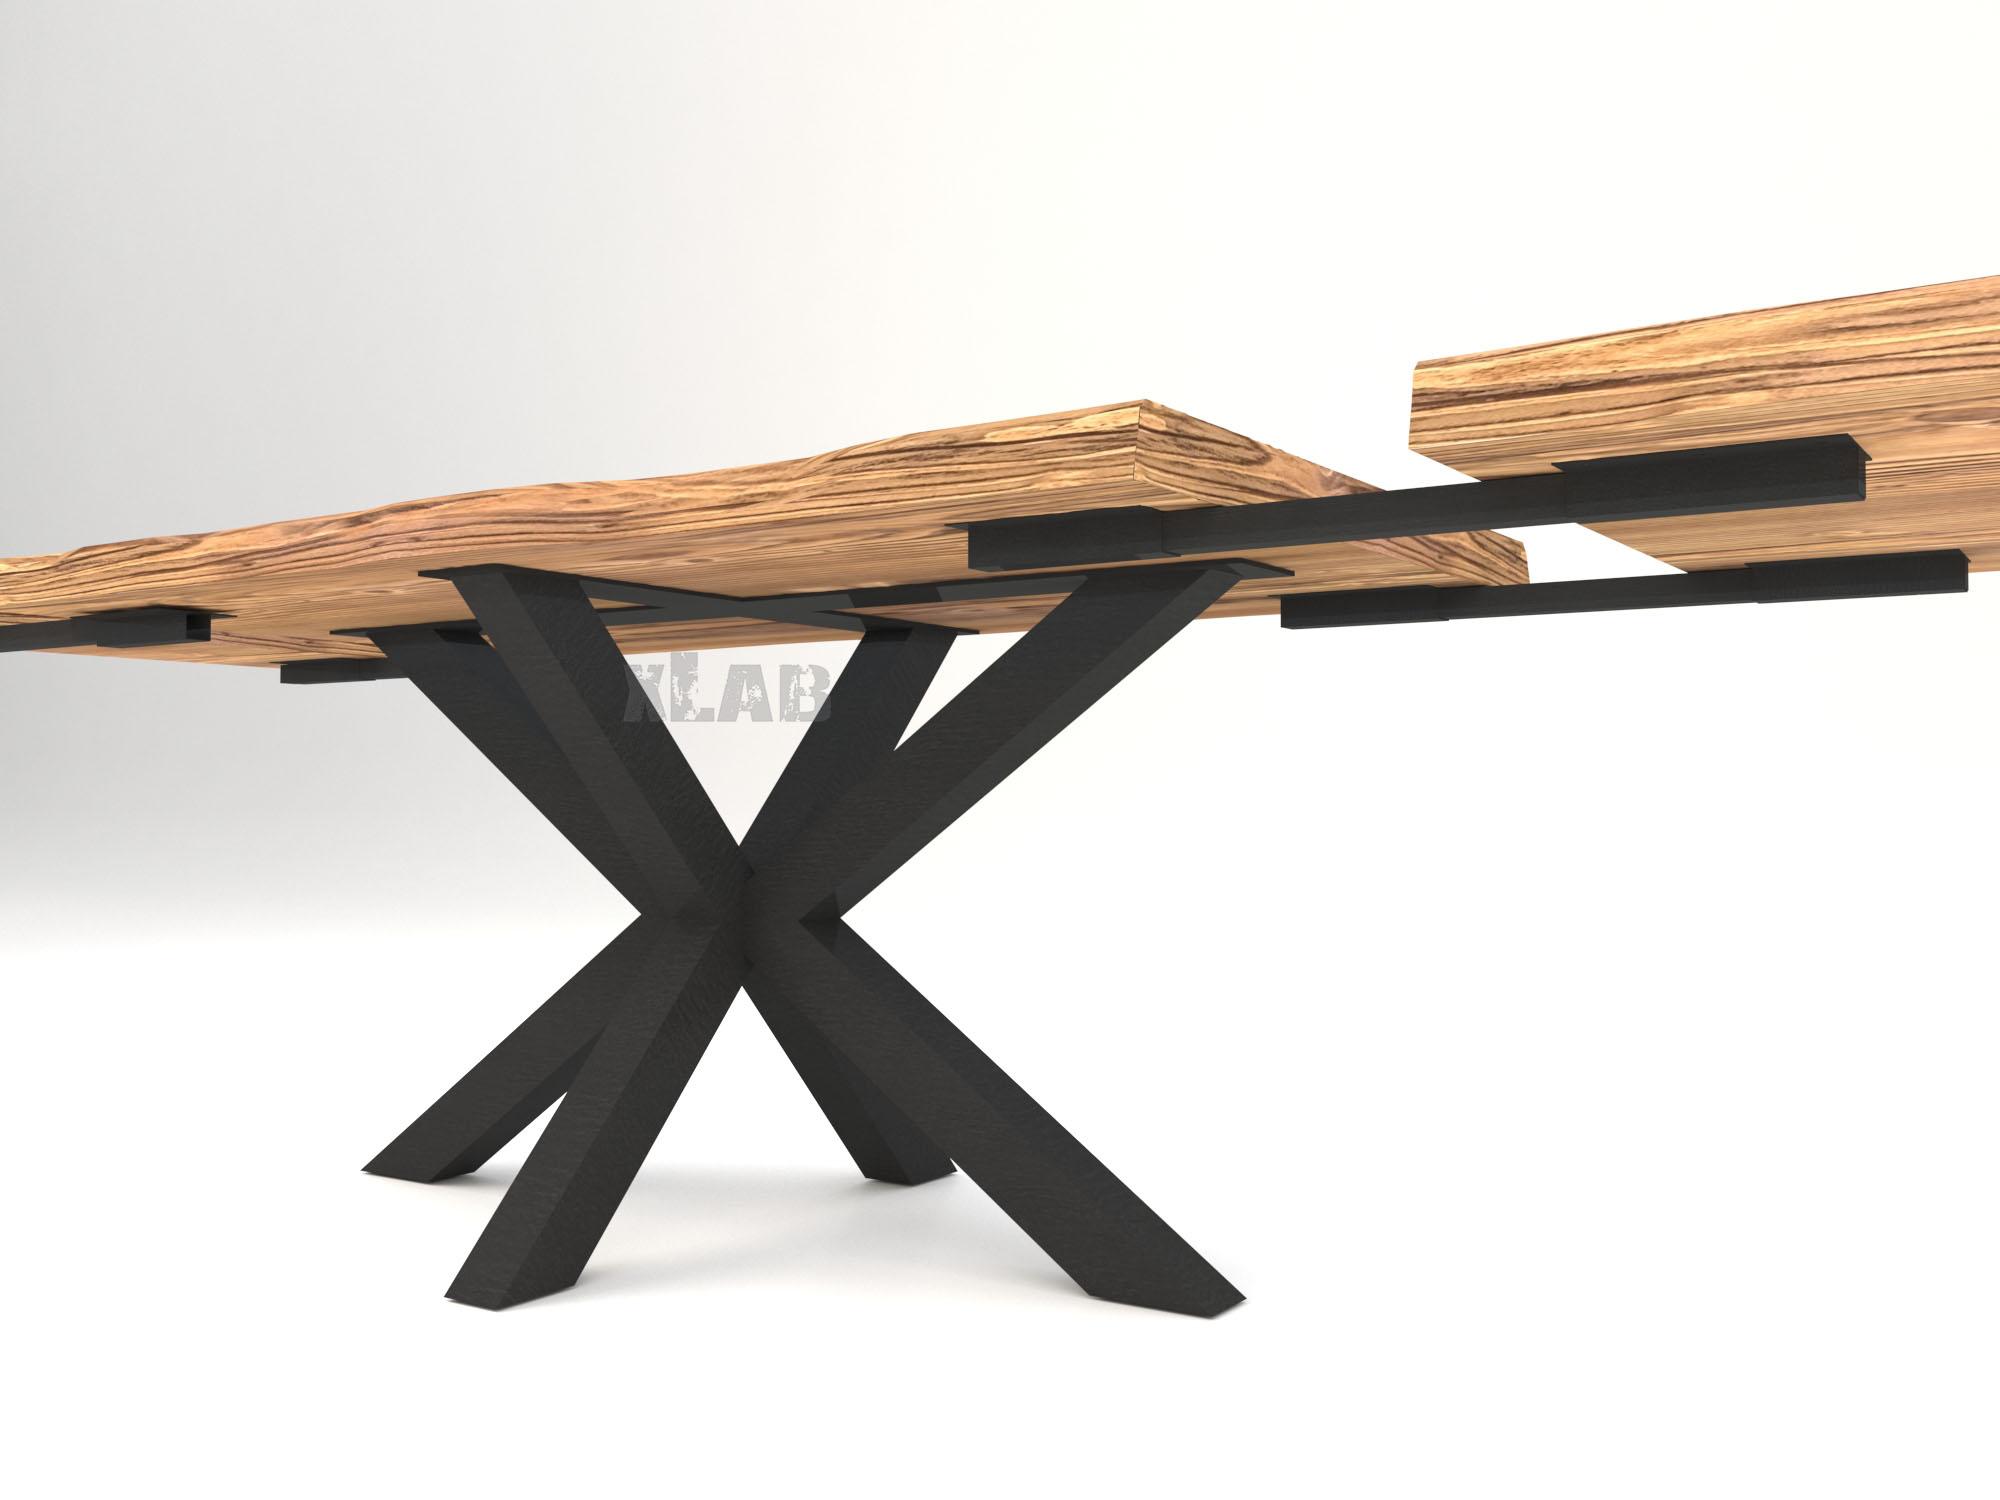 Tavolo Con Gamba Centrale Allungabile tavolo da pranzo allungabile jeff in legno massello